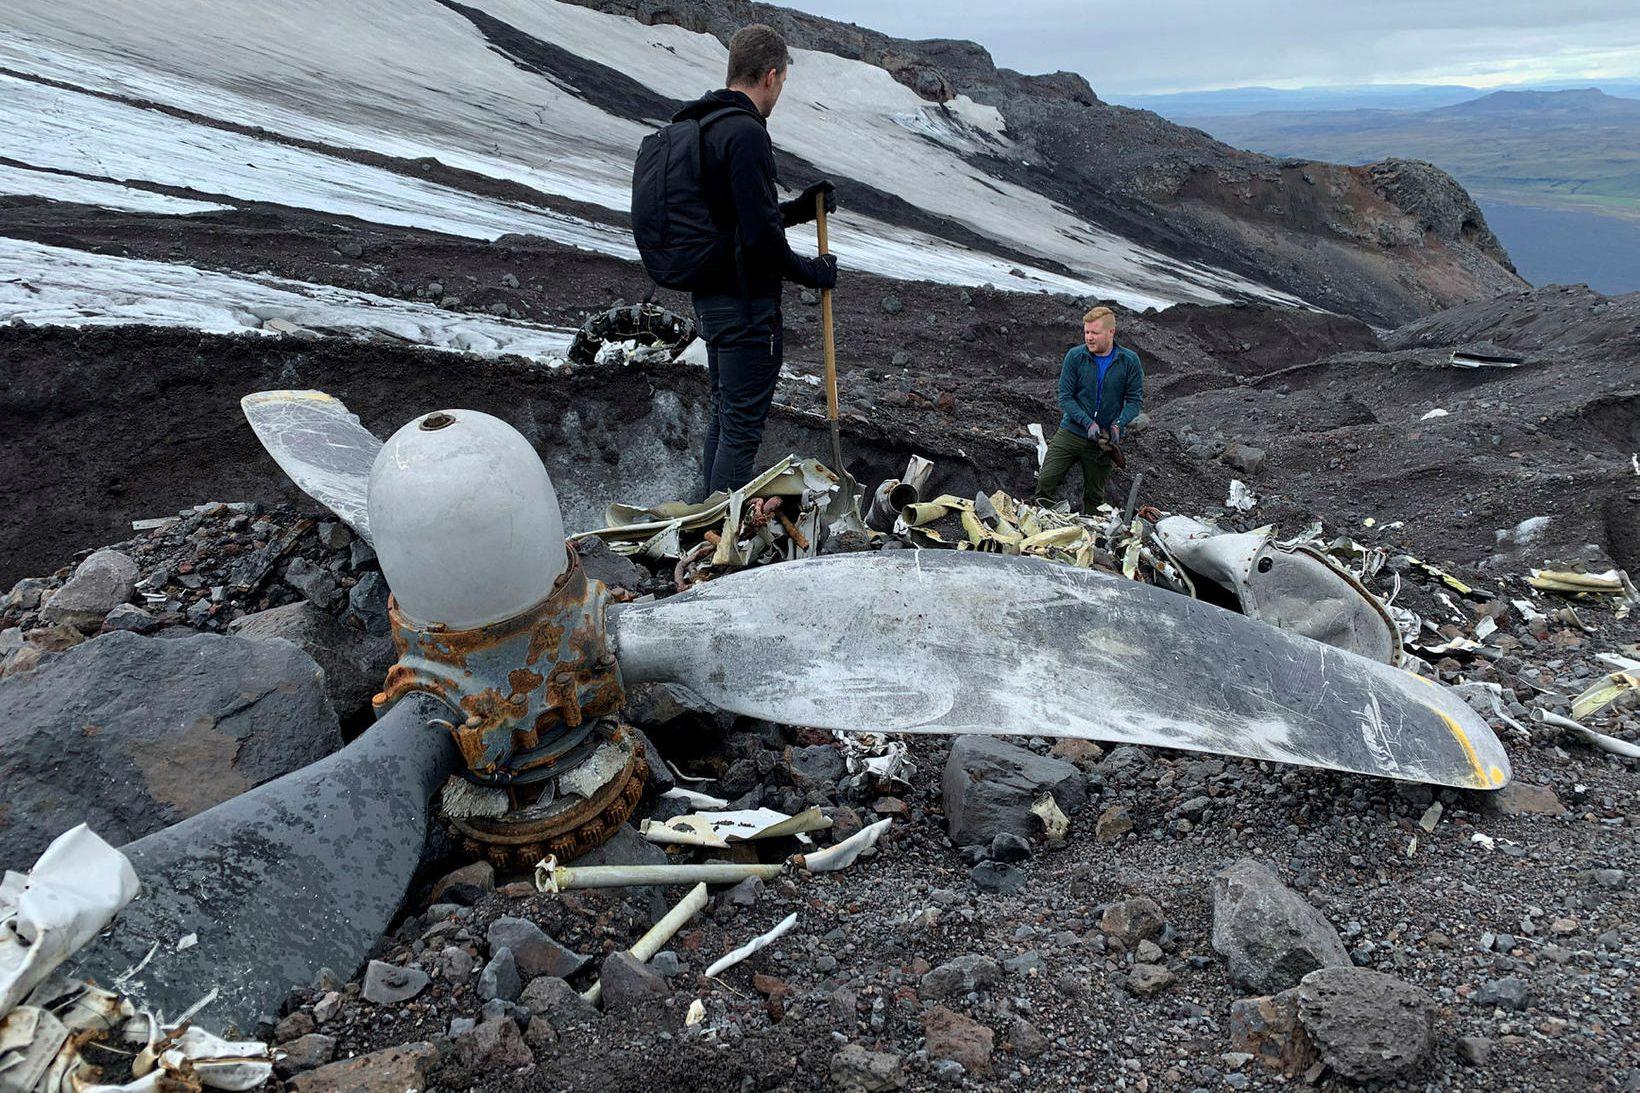 Brakið liggur eins og hráviði við jökulröndina. Hér sést ein …